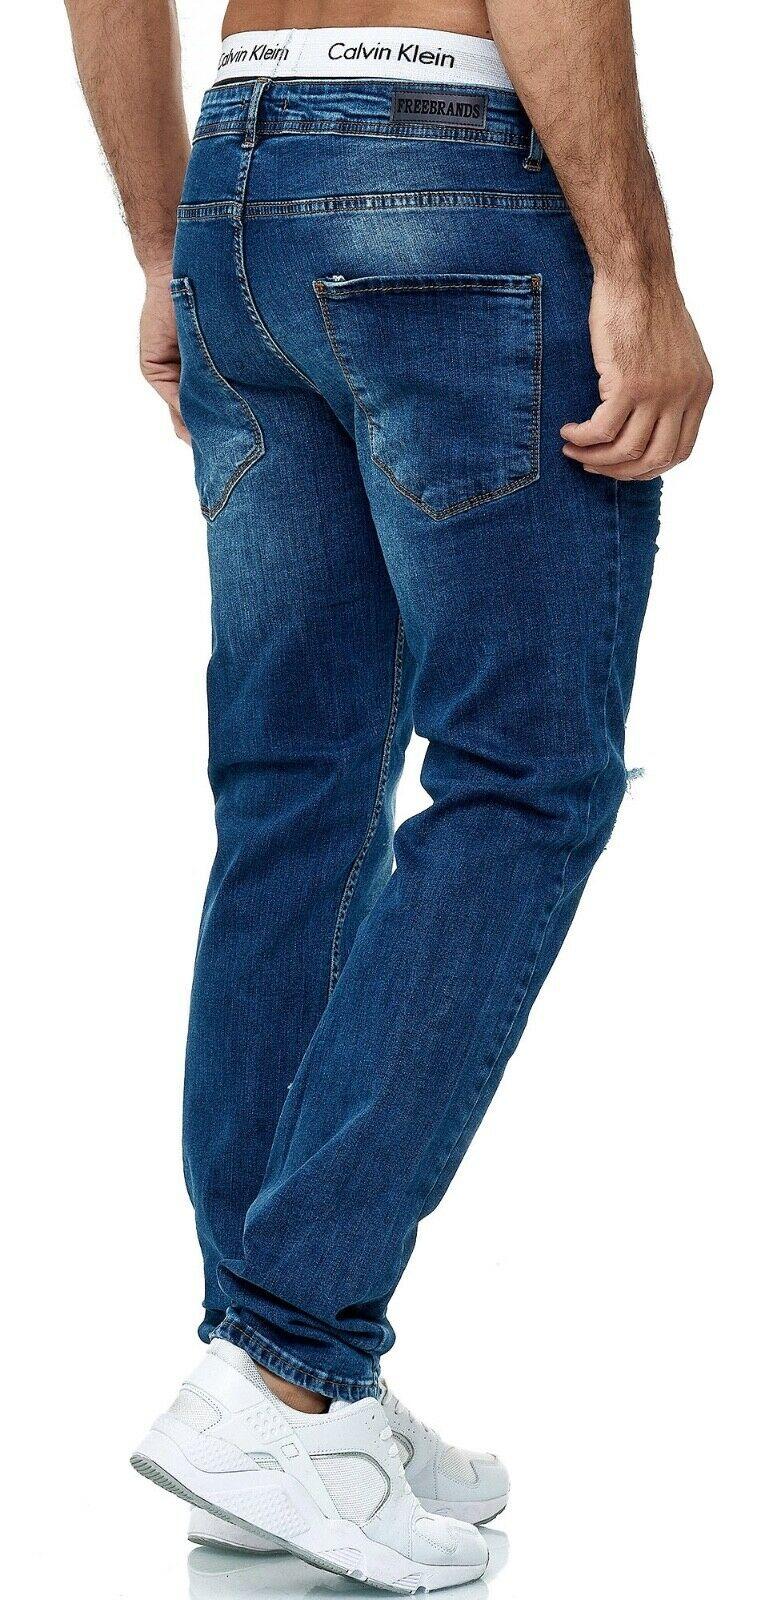 Herren-Jeanshosen-Stretch-Hose-Slim-fit-SKINNY-Jeans-Blau-Schwarz-Grau-Weiss Indexbild 73